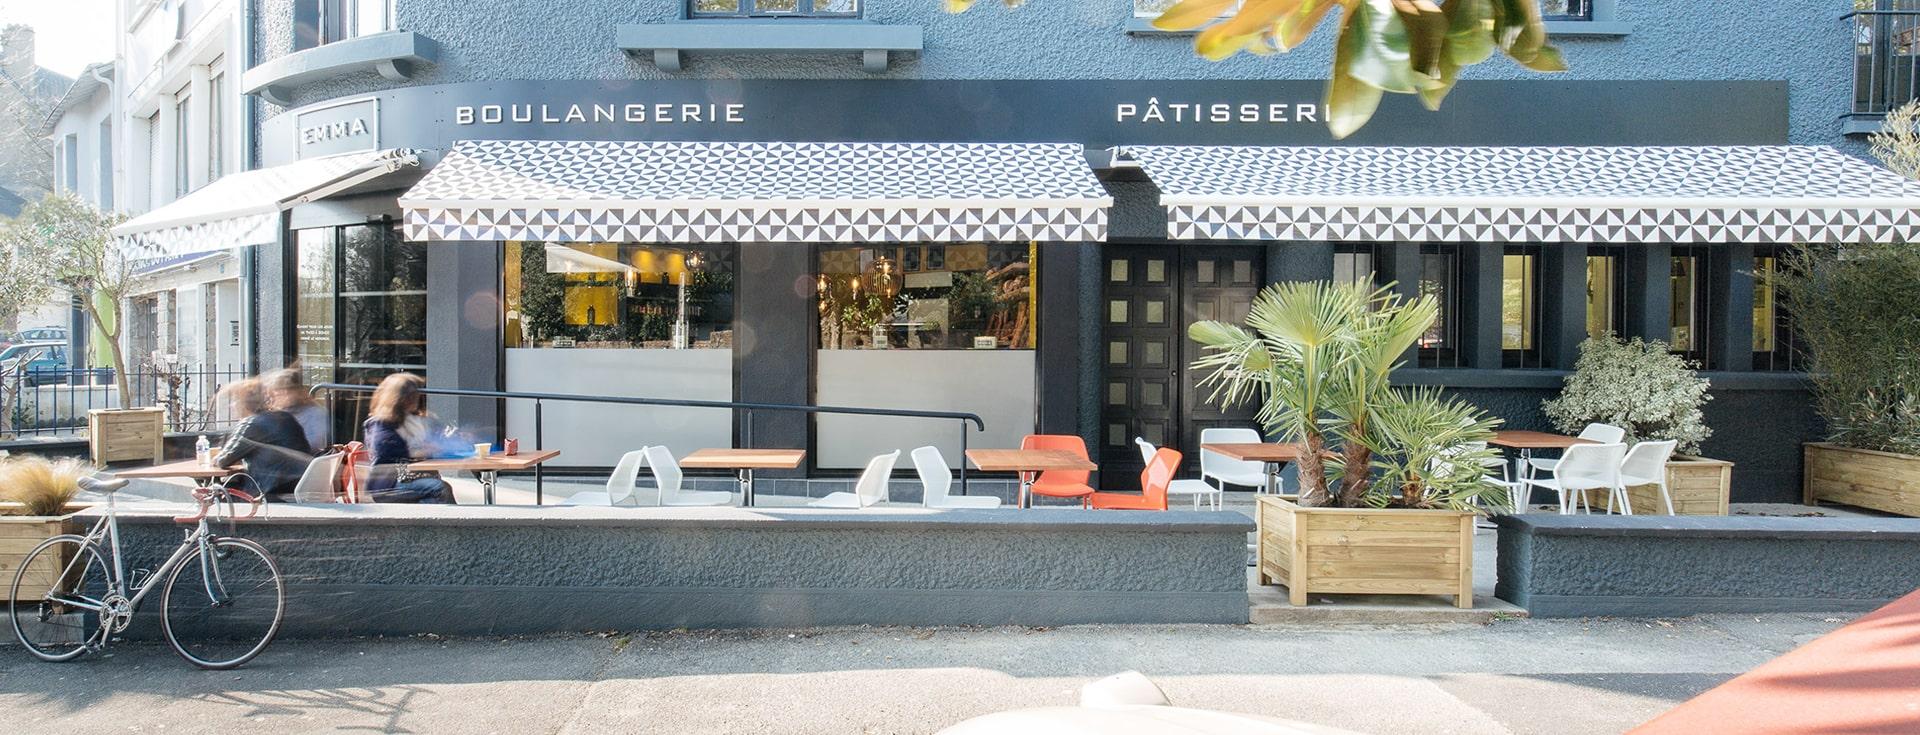 Store Banne Antibes - Store Banne Professionnel Nantes - Boulangerie Emma Procès Nantes - Format 4 03-min